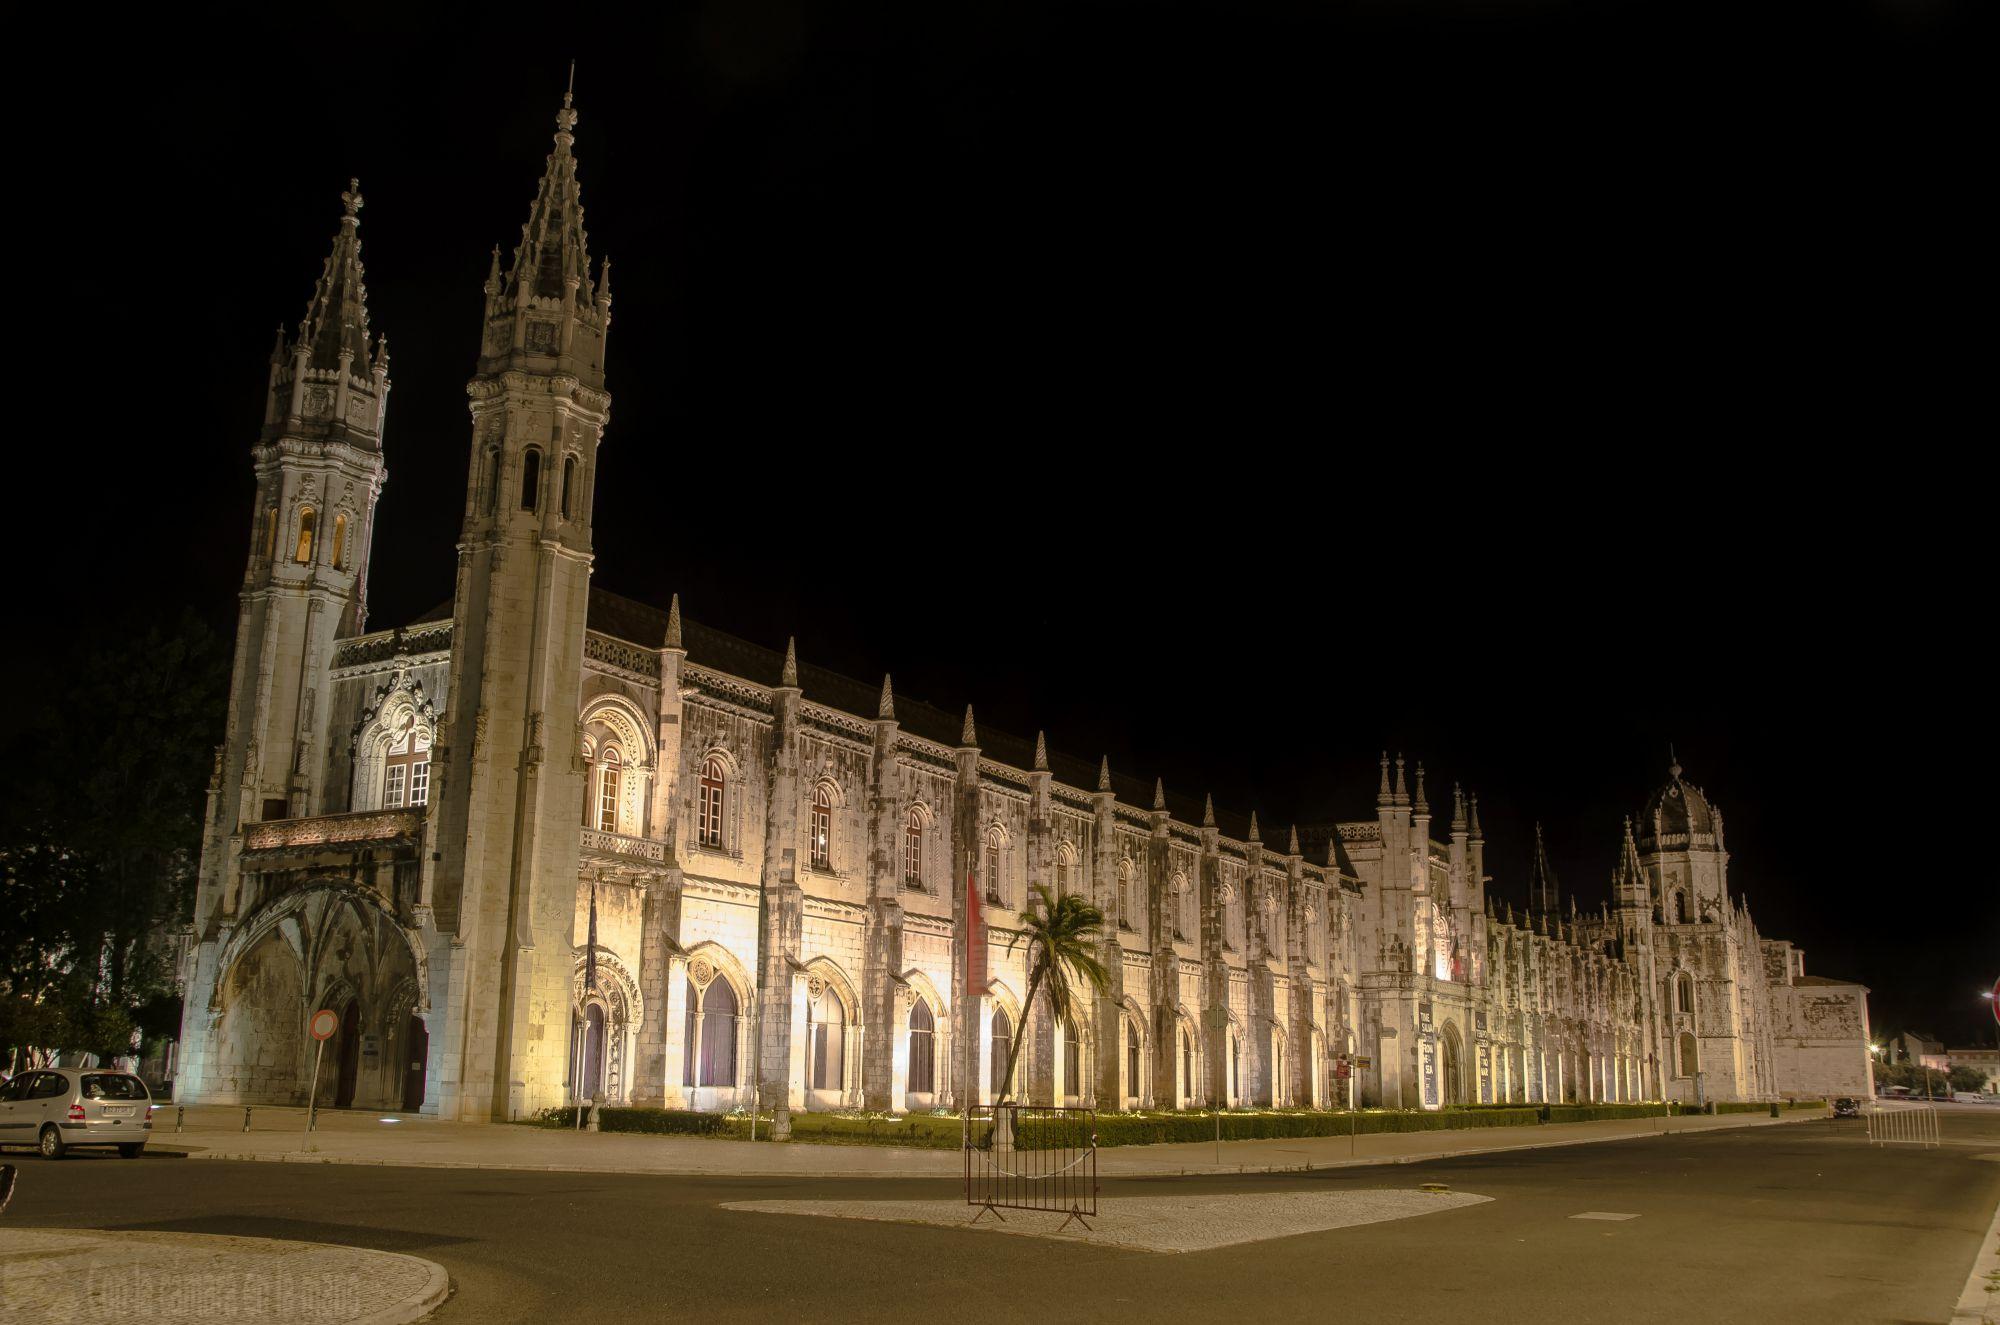 Fotografías nocturnas de Lisboa